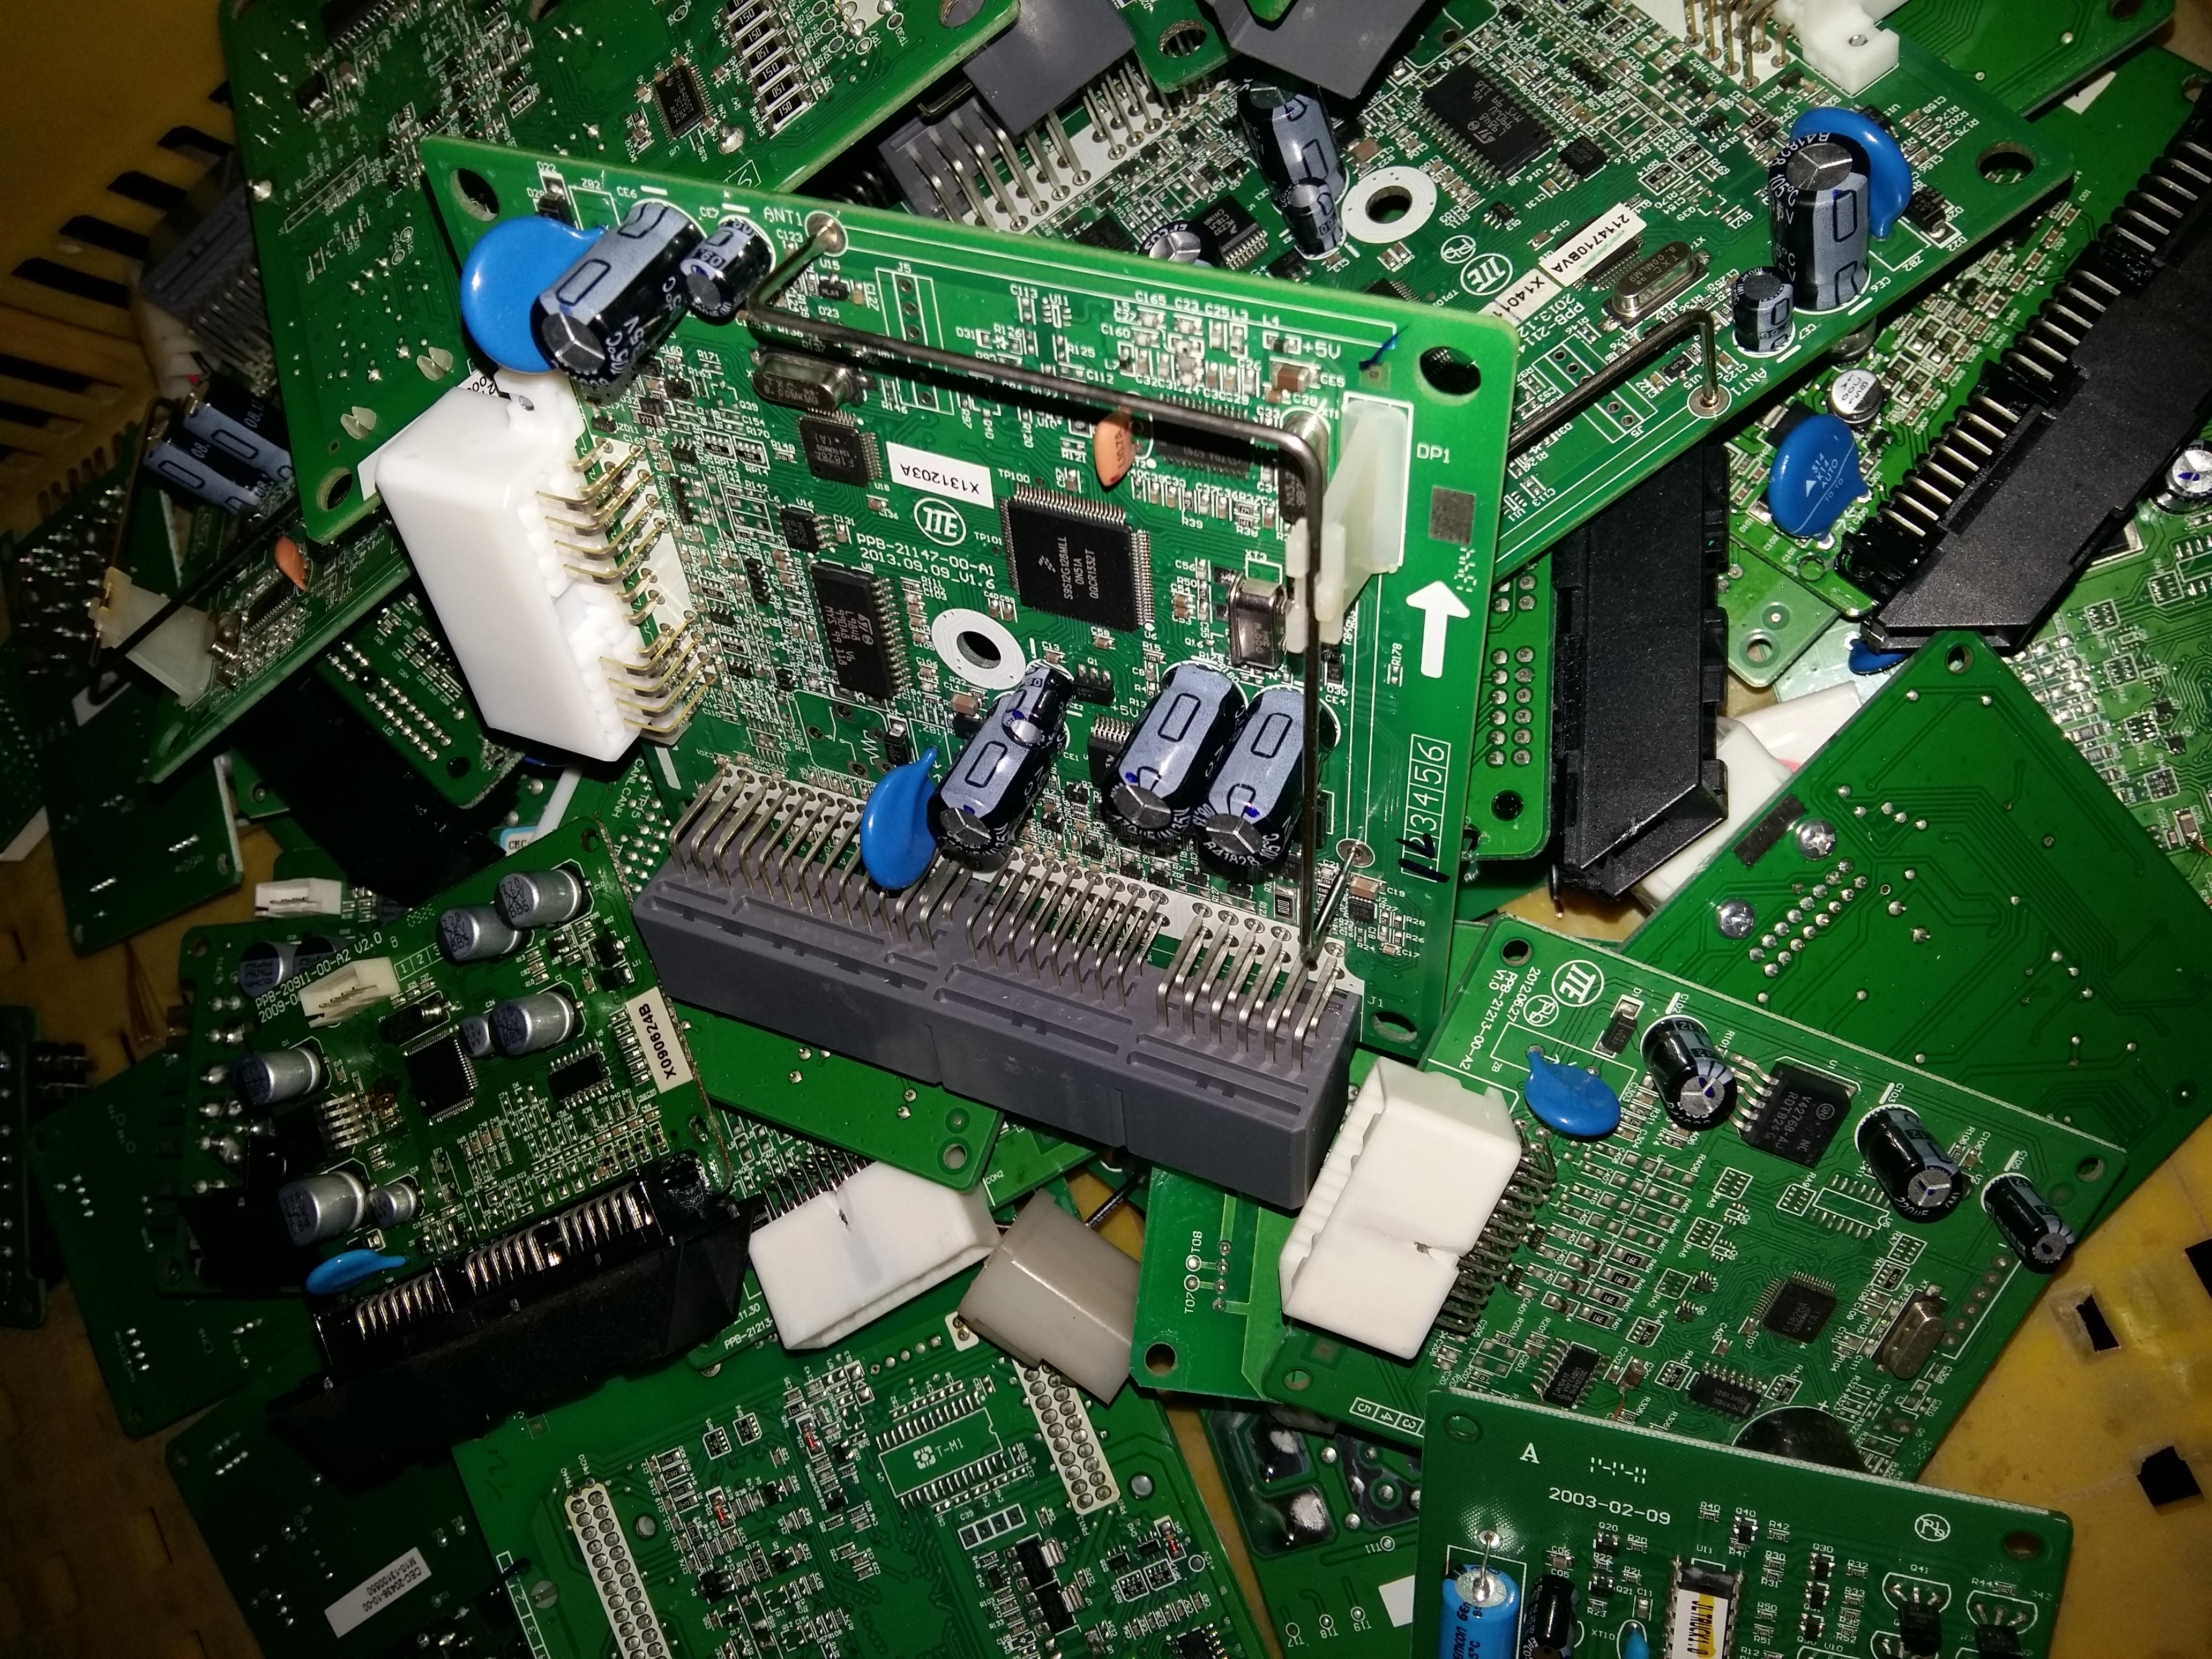 厦门雄盛电子成立于2000年,有着十五年的回收信誉,是全国地区较大的电子元器件回收站点之一,实力庞大,资金雄厚,专业从事各种电子元器件的回收和加工利用,分部辐射全国地区。公司全国地区长期高价收购厂家个人积压库存电子元器件。 我们真诚的期待与省地区的公司合作,并将竭诚为各公司提供最快速、优质、热情、周到的上门收购服务!